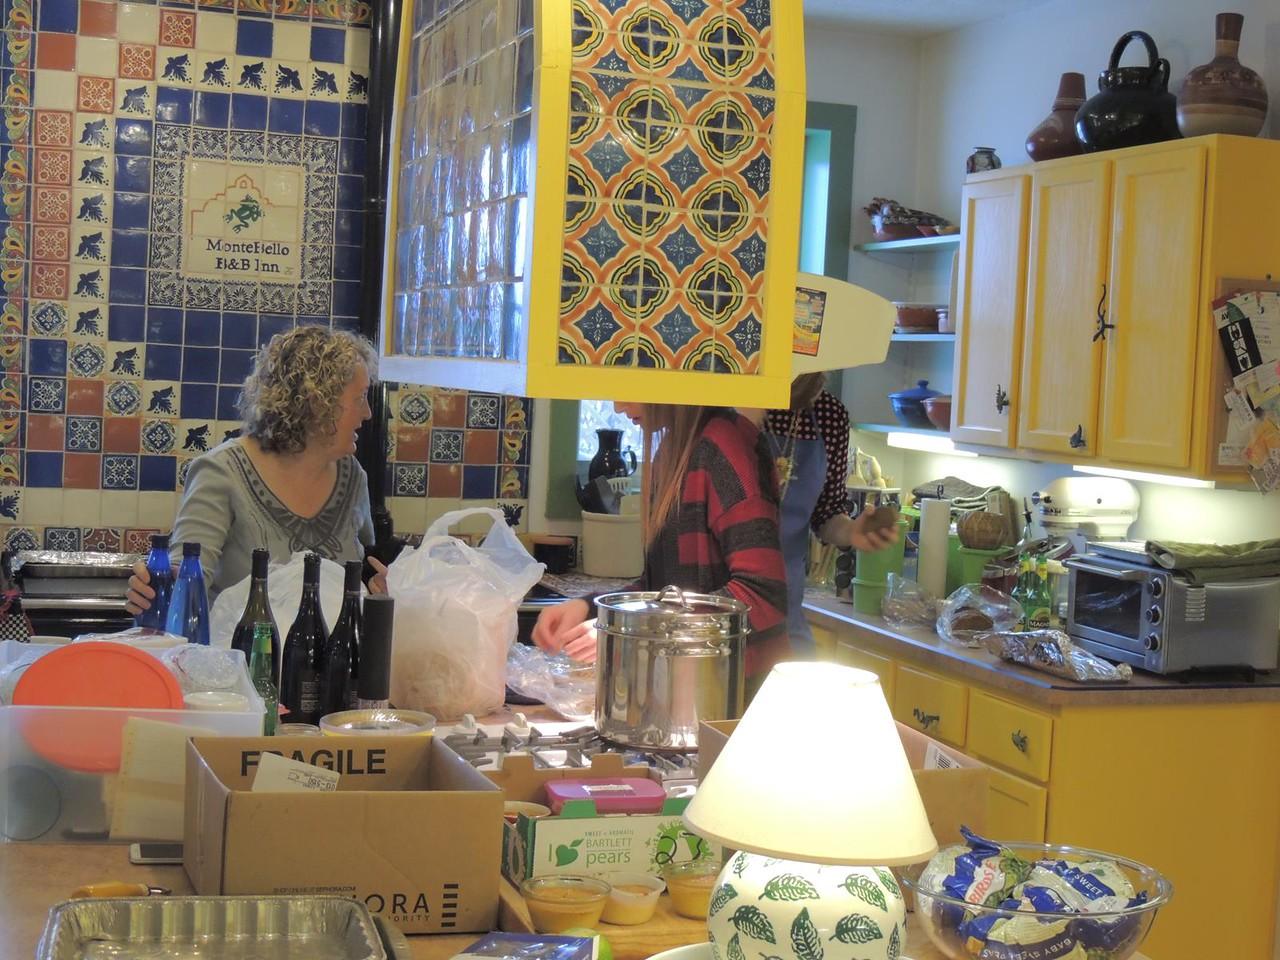 Prairie States Mushroom Club Winter dinner at Montebello Inn. Working hard in the kitchen.